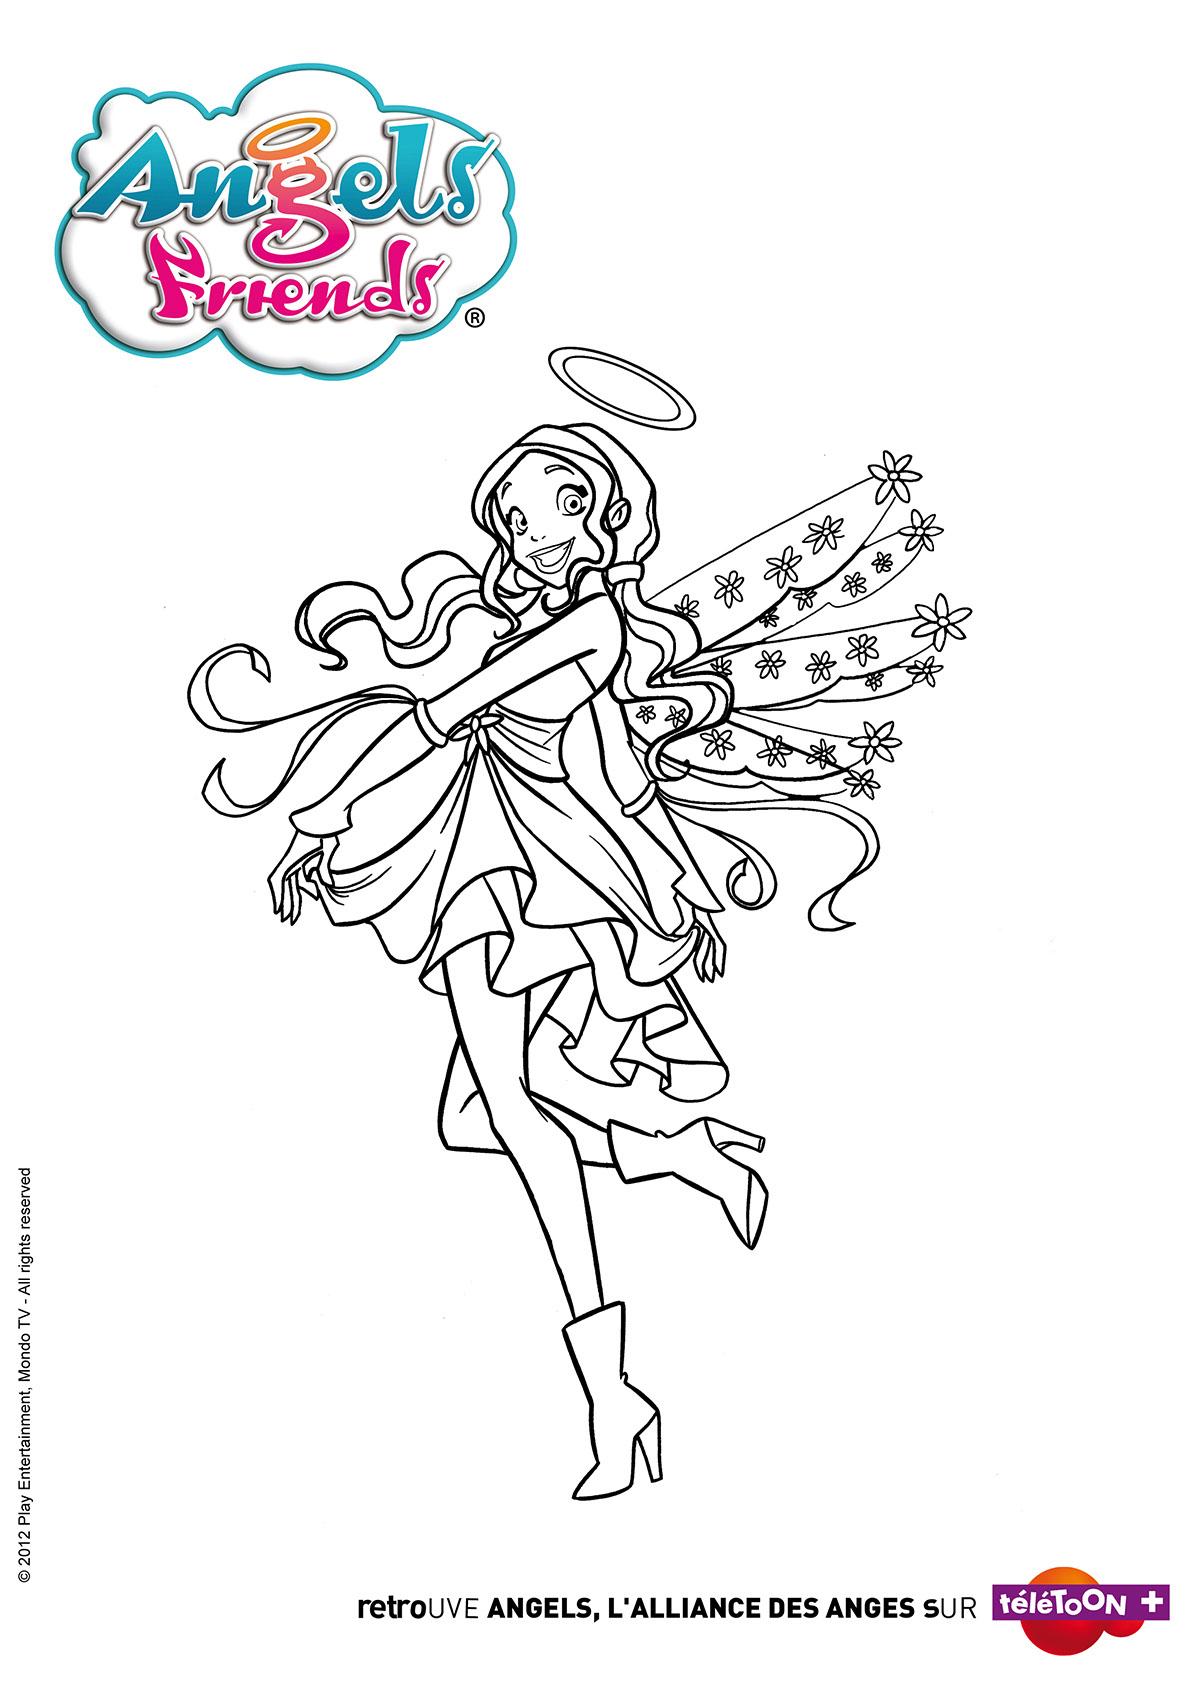 раскраски друзья ангелов крылья призмы и другие Youloveit Ru